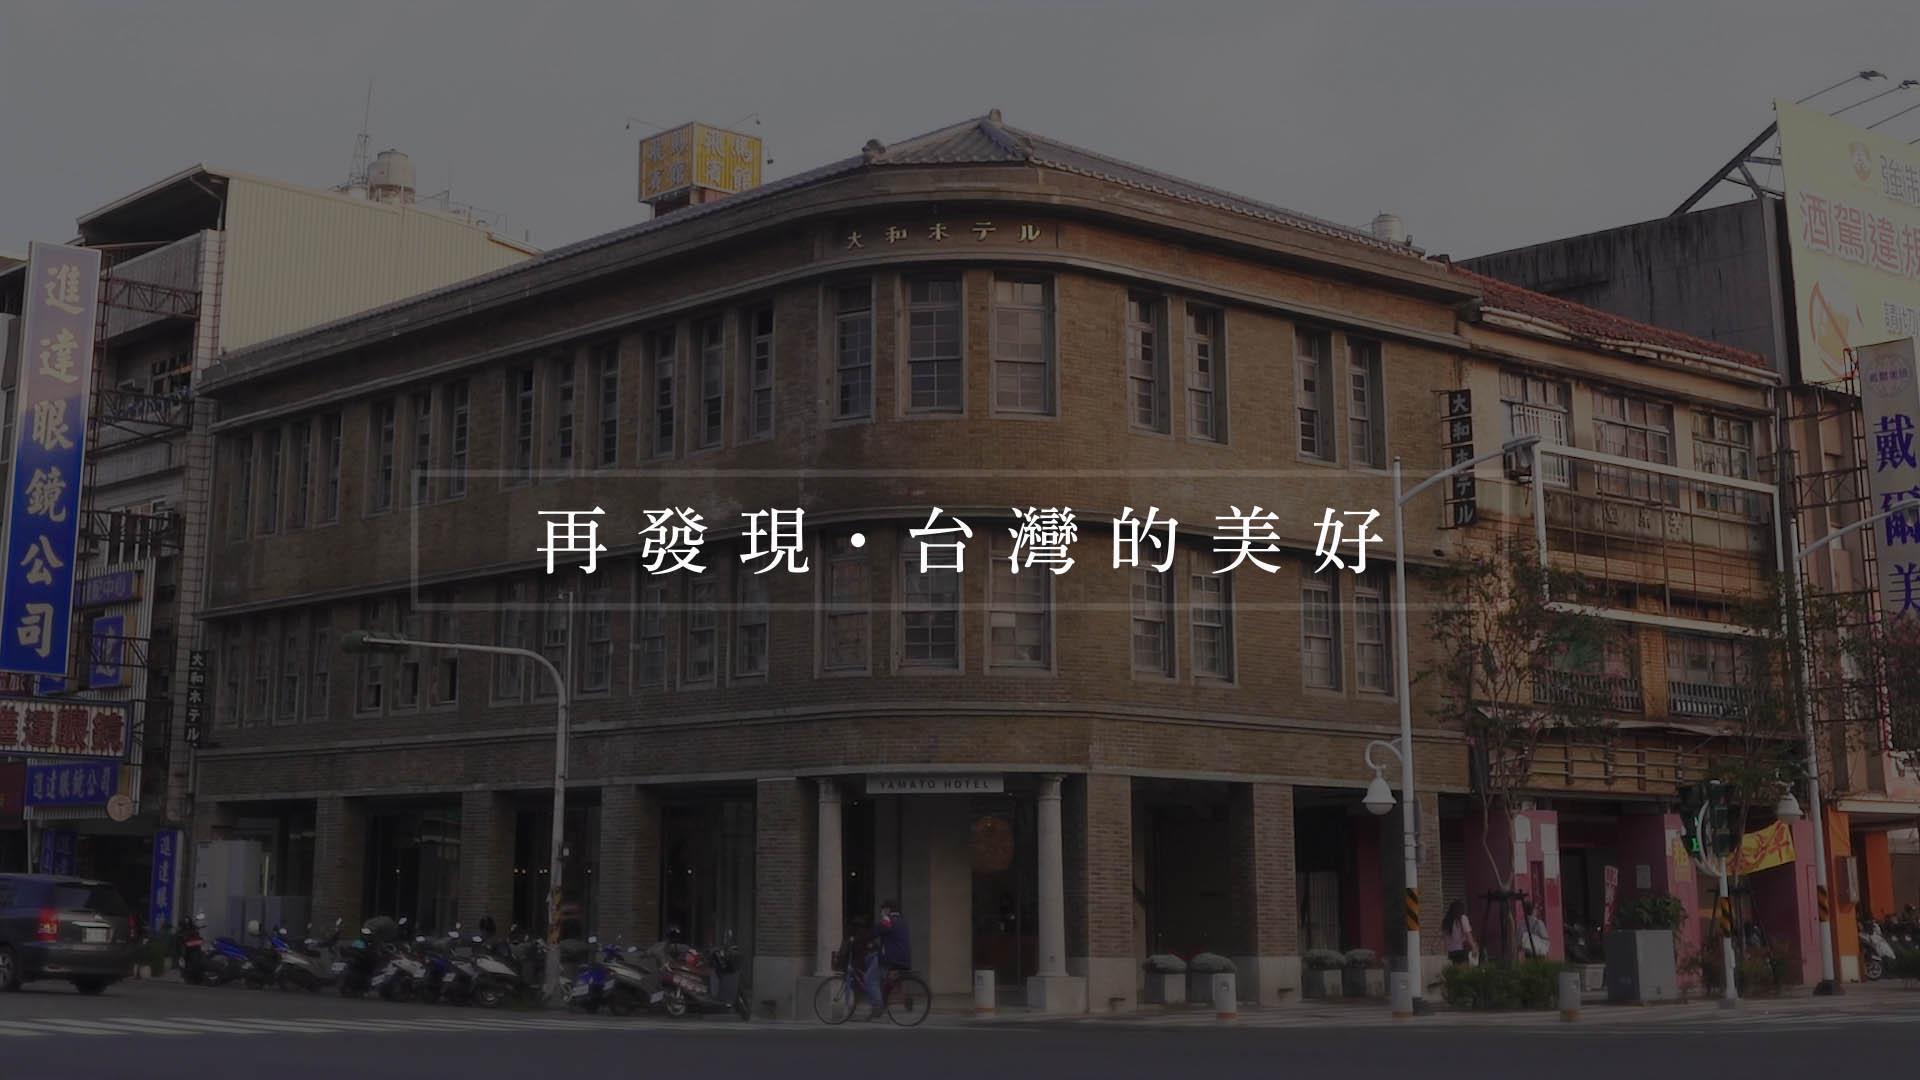 【再發現.台灣的美好】屏東「驛前大和咖啡館」重現80年前日據時期旅社原貌,古績翻新最佳案例| Bella Taiwan